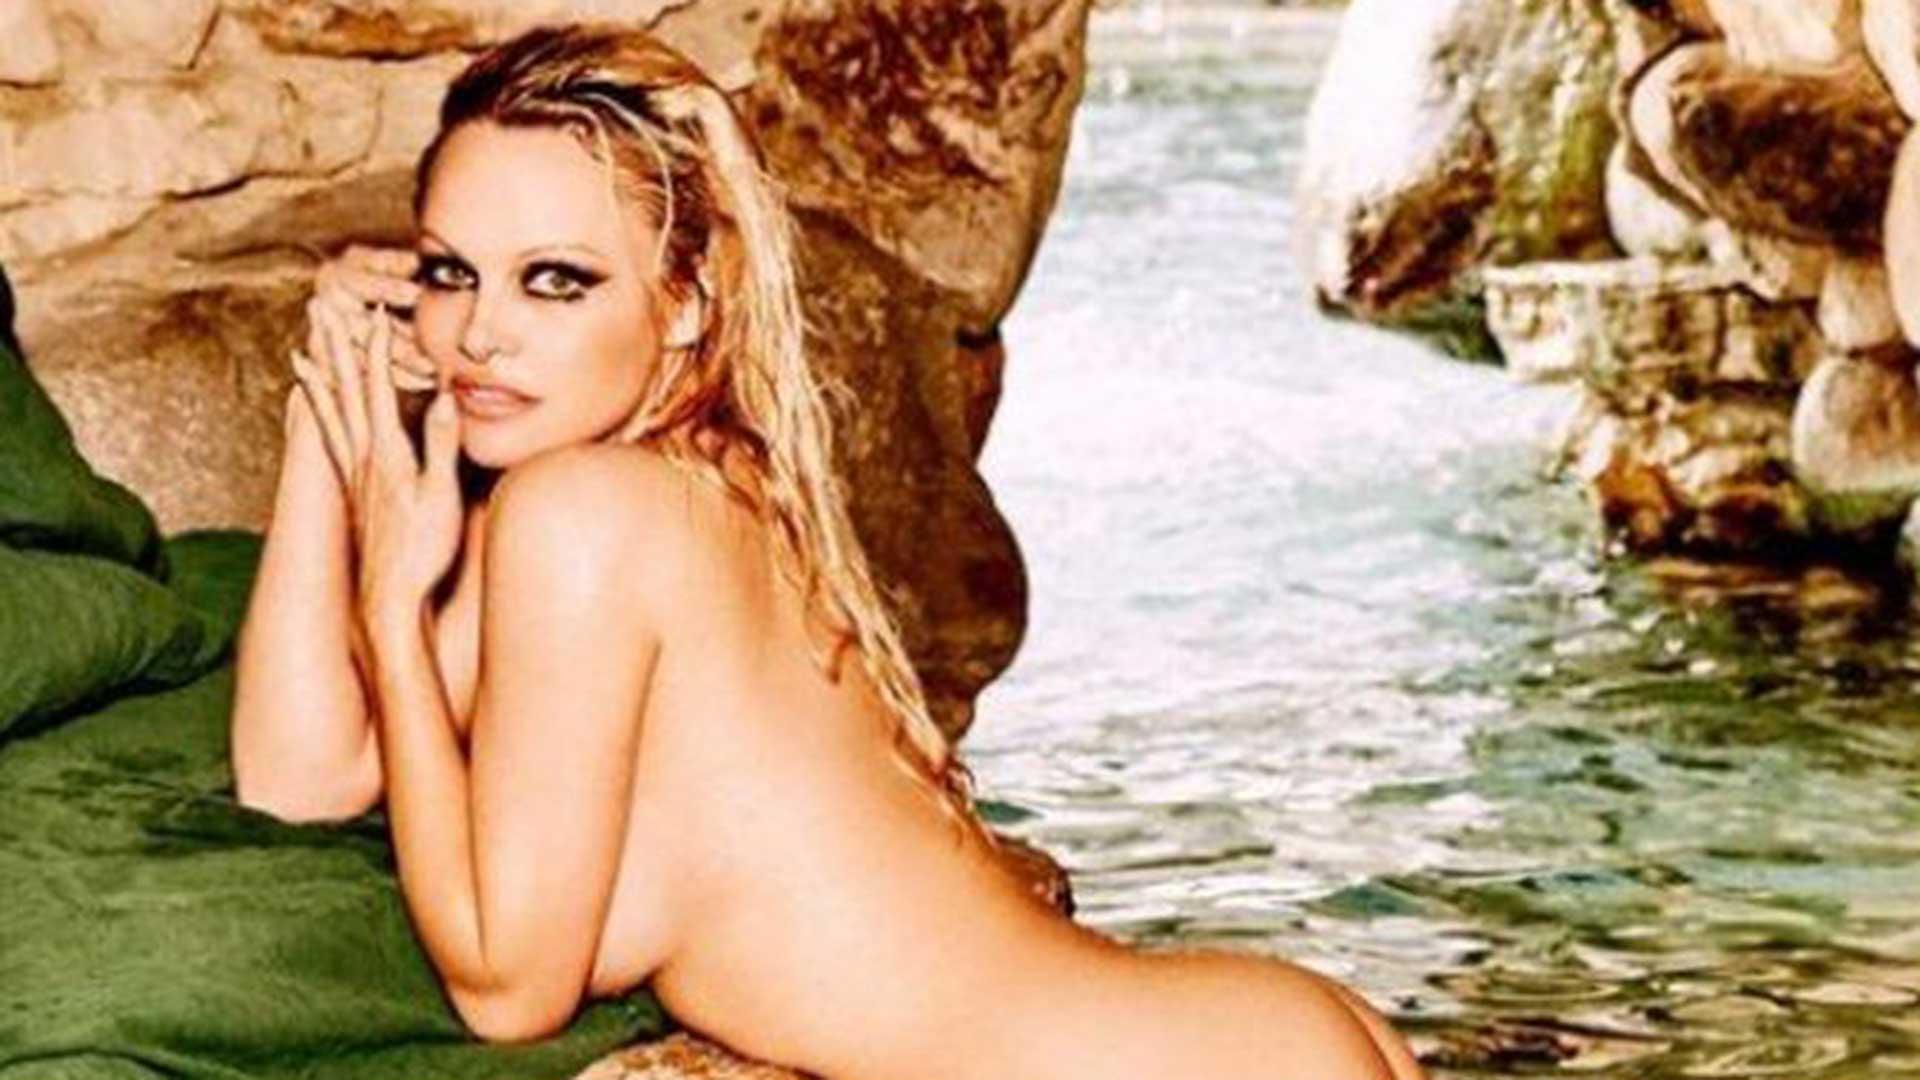 Mejor Playmate Del Mundo Porno escándalo xxx: estrellas del cine porno contra pamela